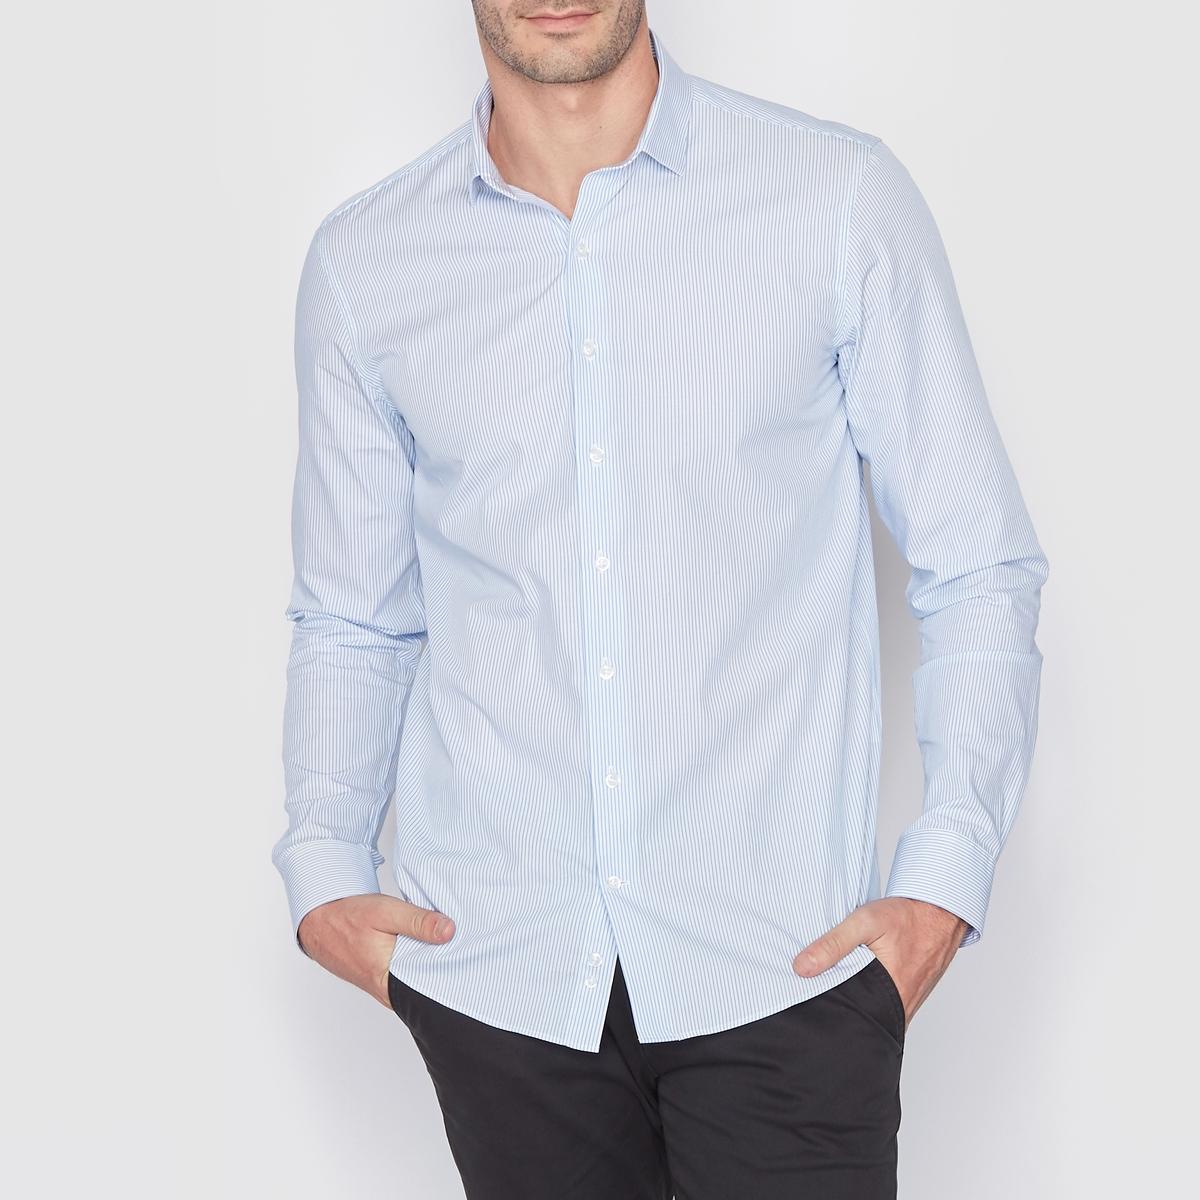 Рубашка в полоску стандартного покроя. Длинные рукаваРубашка из поплина, 100% хлопка . Стандартный (прямой) покрой . Свободные уголки воротника  . Длинные рукава . Длина 77 см .<br><br>Цвет: в полоску/розовый,синий в полоску<br>Размер: 47/48